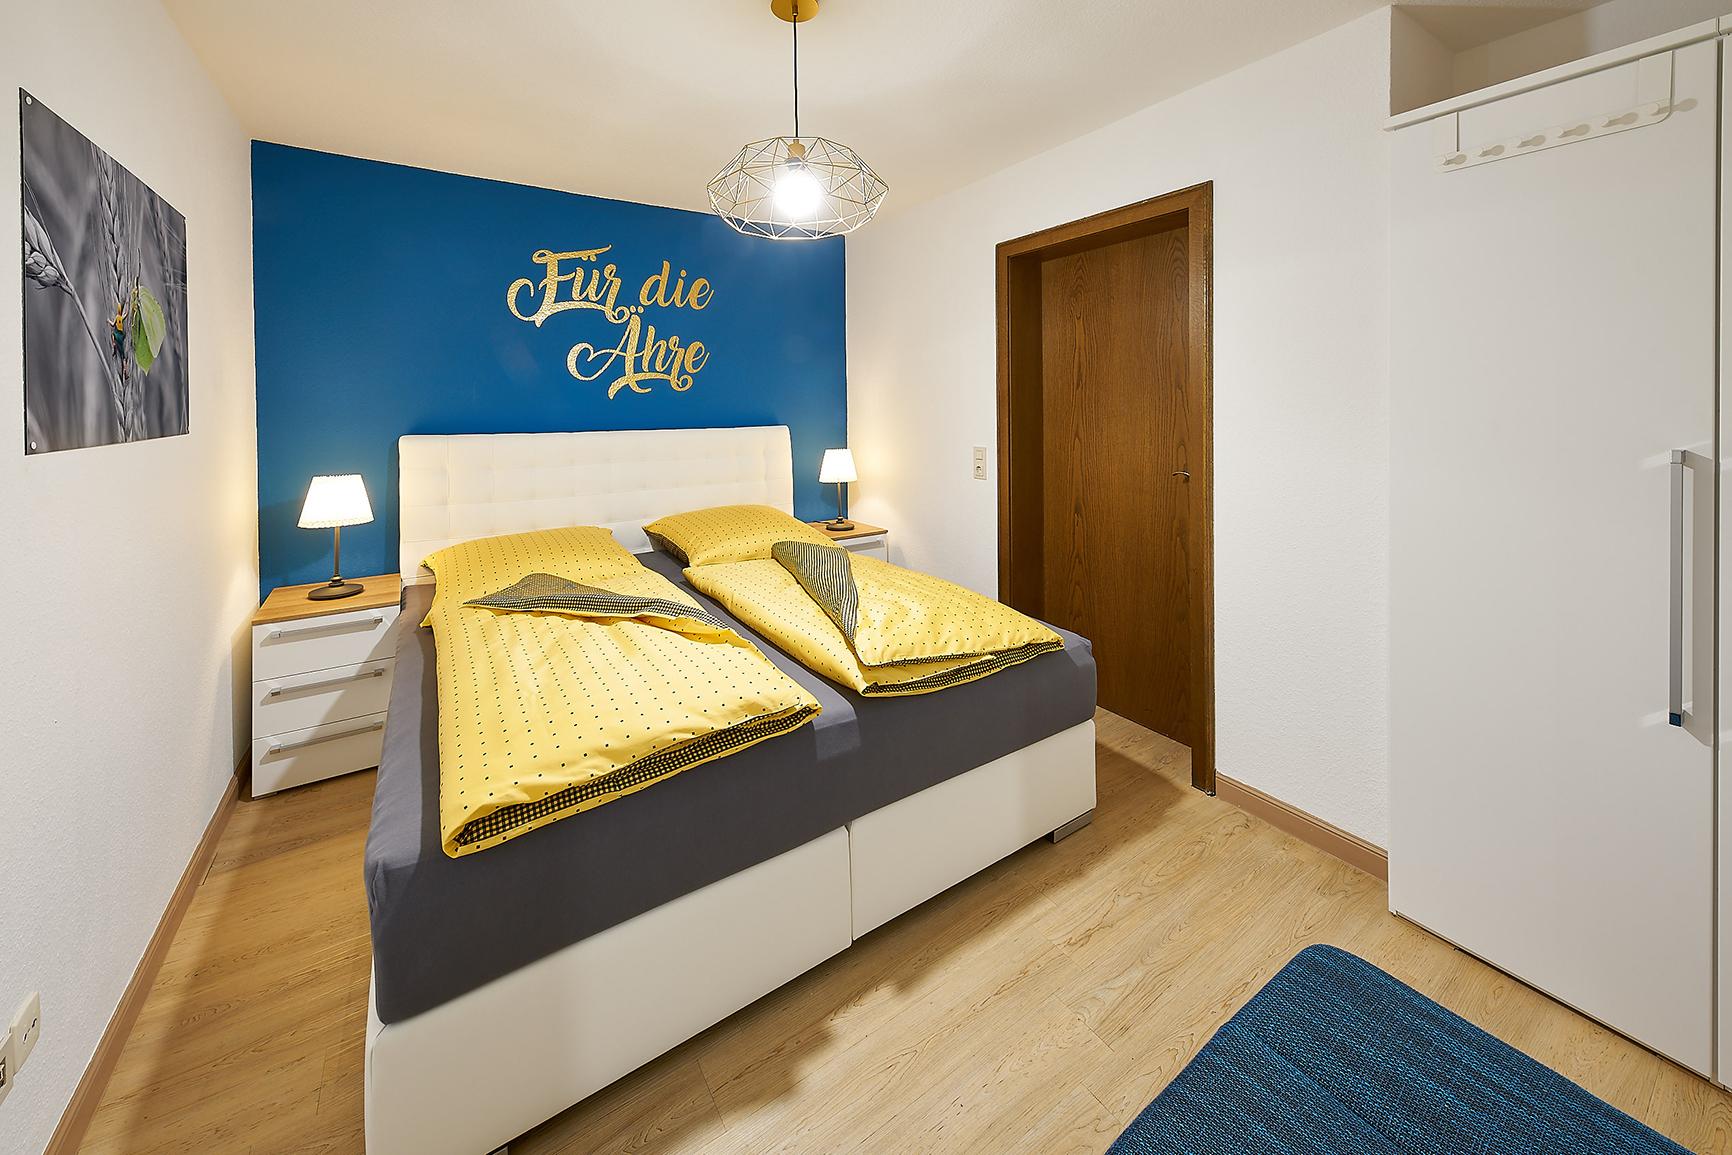 Ferienhaus Mosel-Herberge Schlafzimmer Für die Ähre